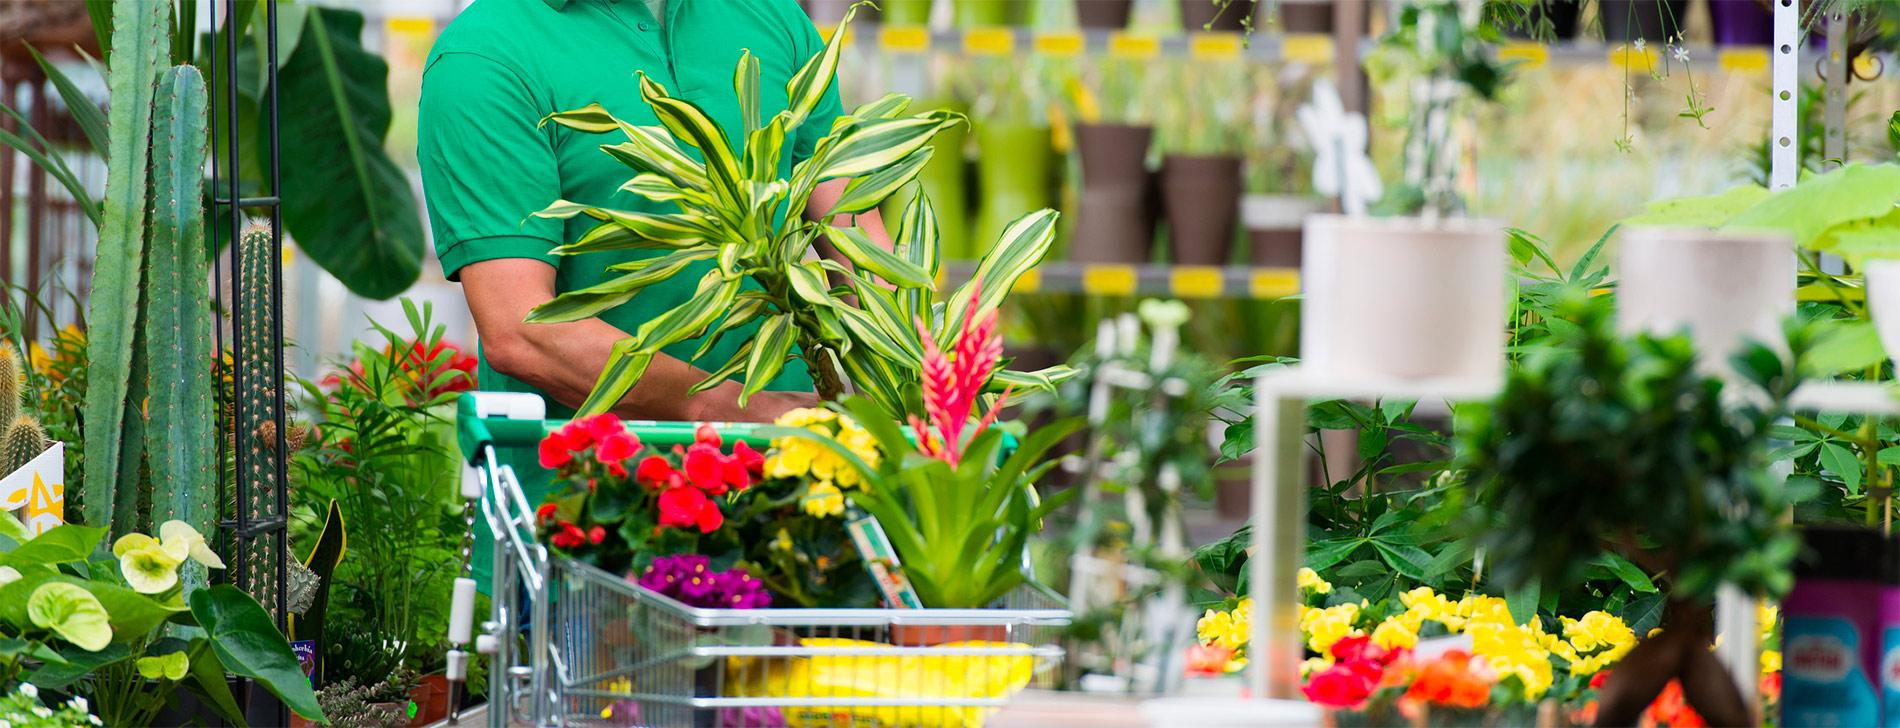 Choisissez vos fleurs , outillages, arbres avec la jardinerie André à Rodez